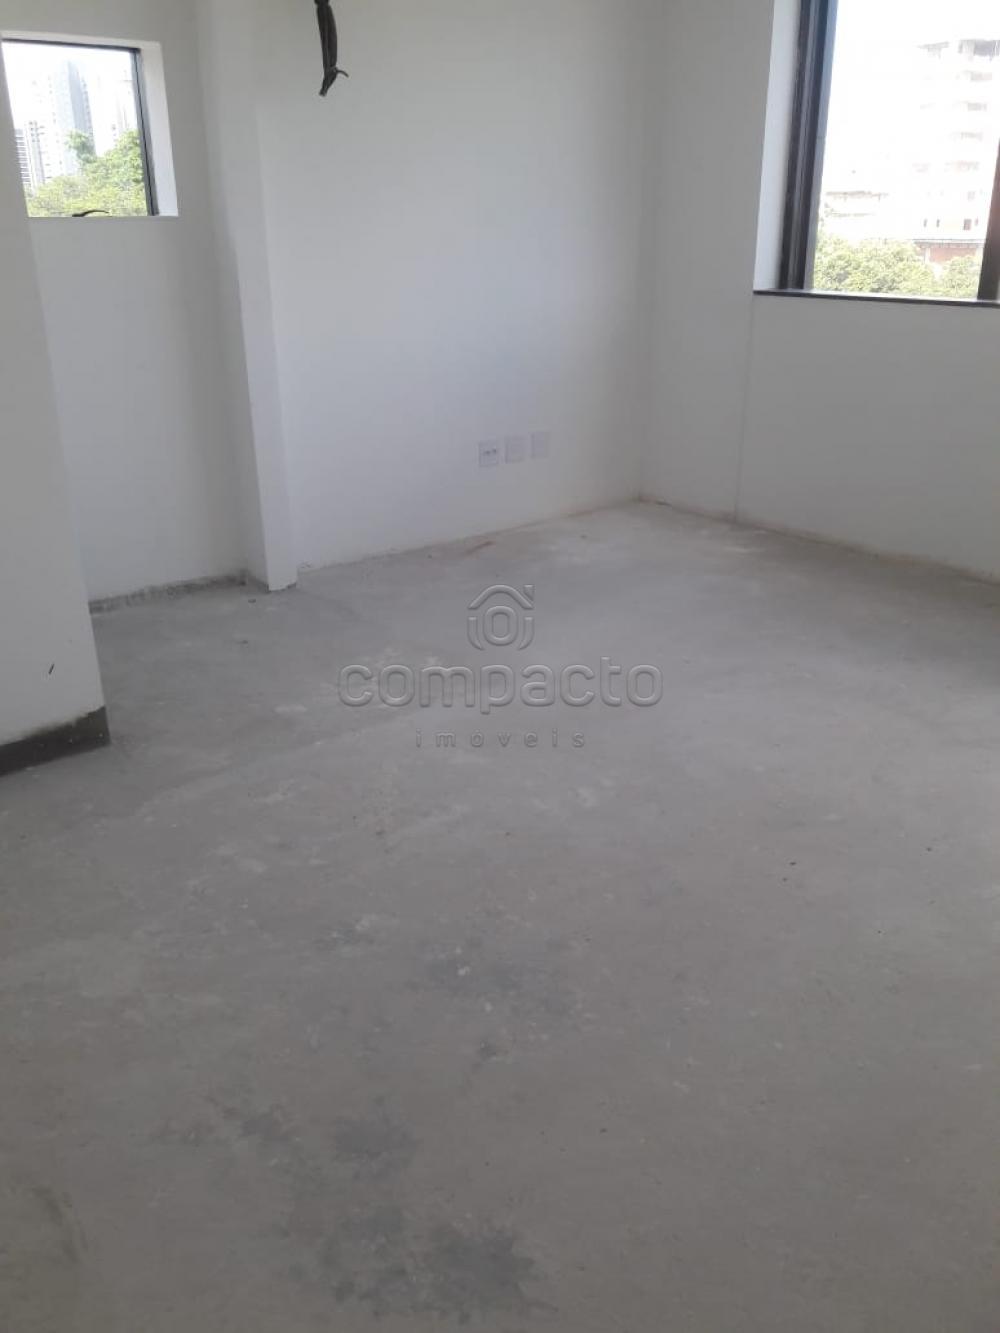 Alugar Comercial / Sala/Loja Condomínio em São José do Rio Preto apenas R$ 14.500,00 - Foto 7